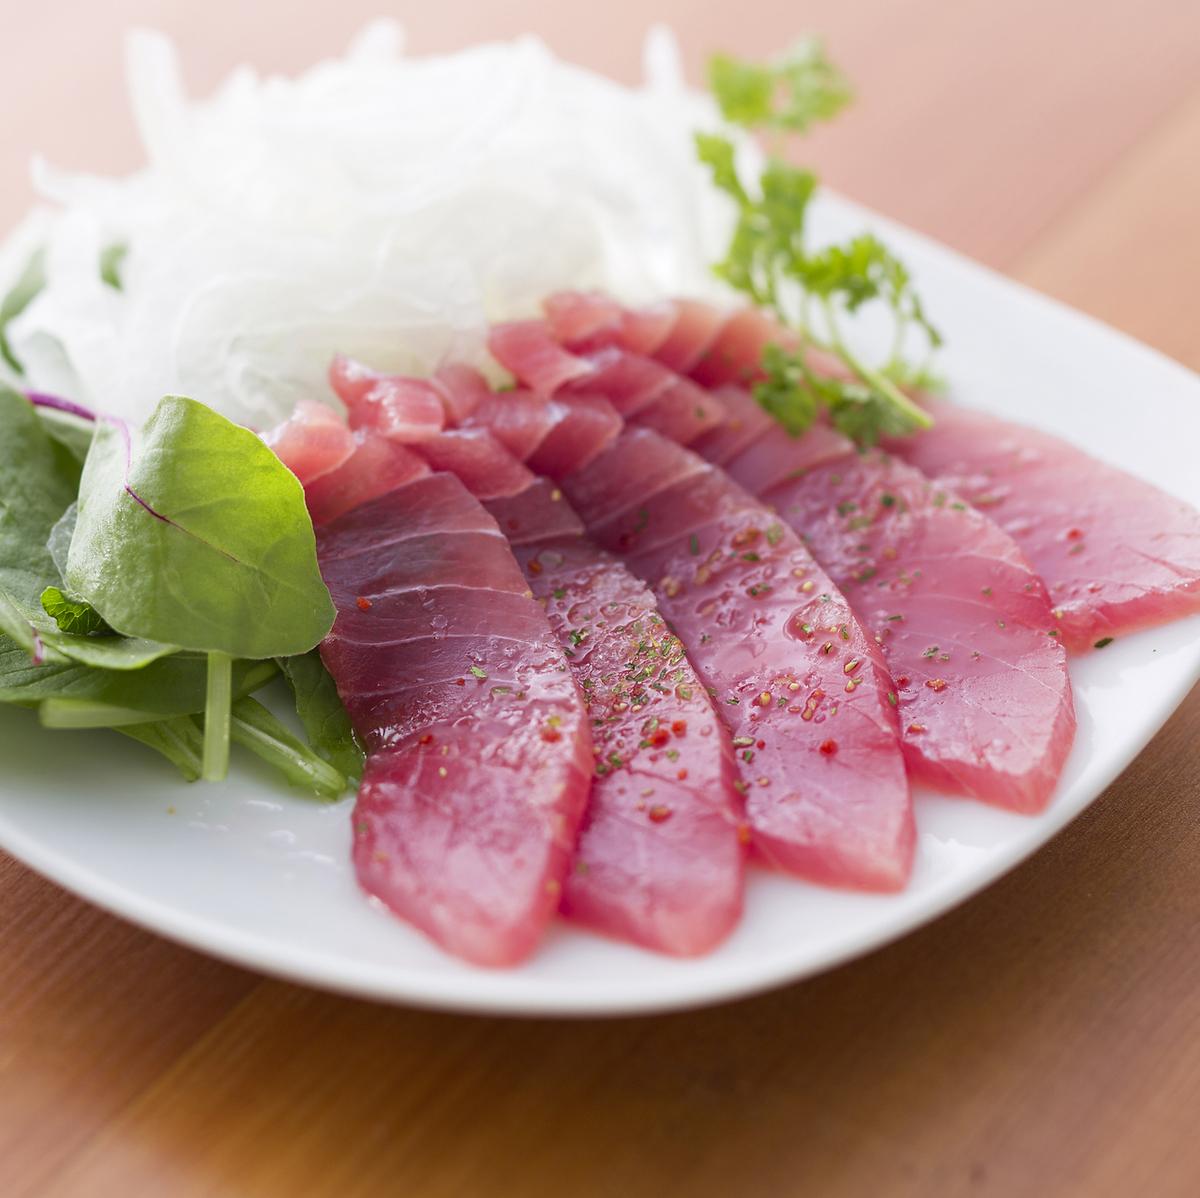 土佐金枪鱼Hararbo小吃生牛肉片